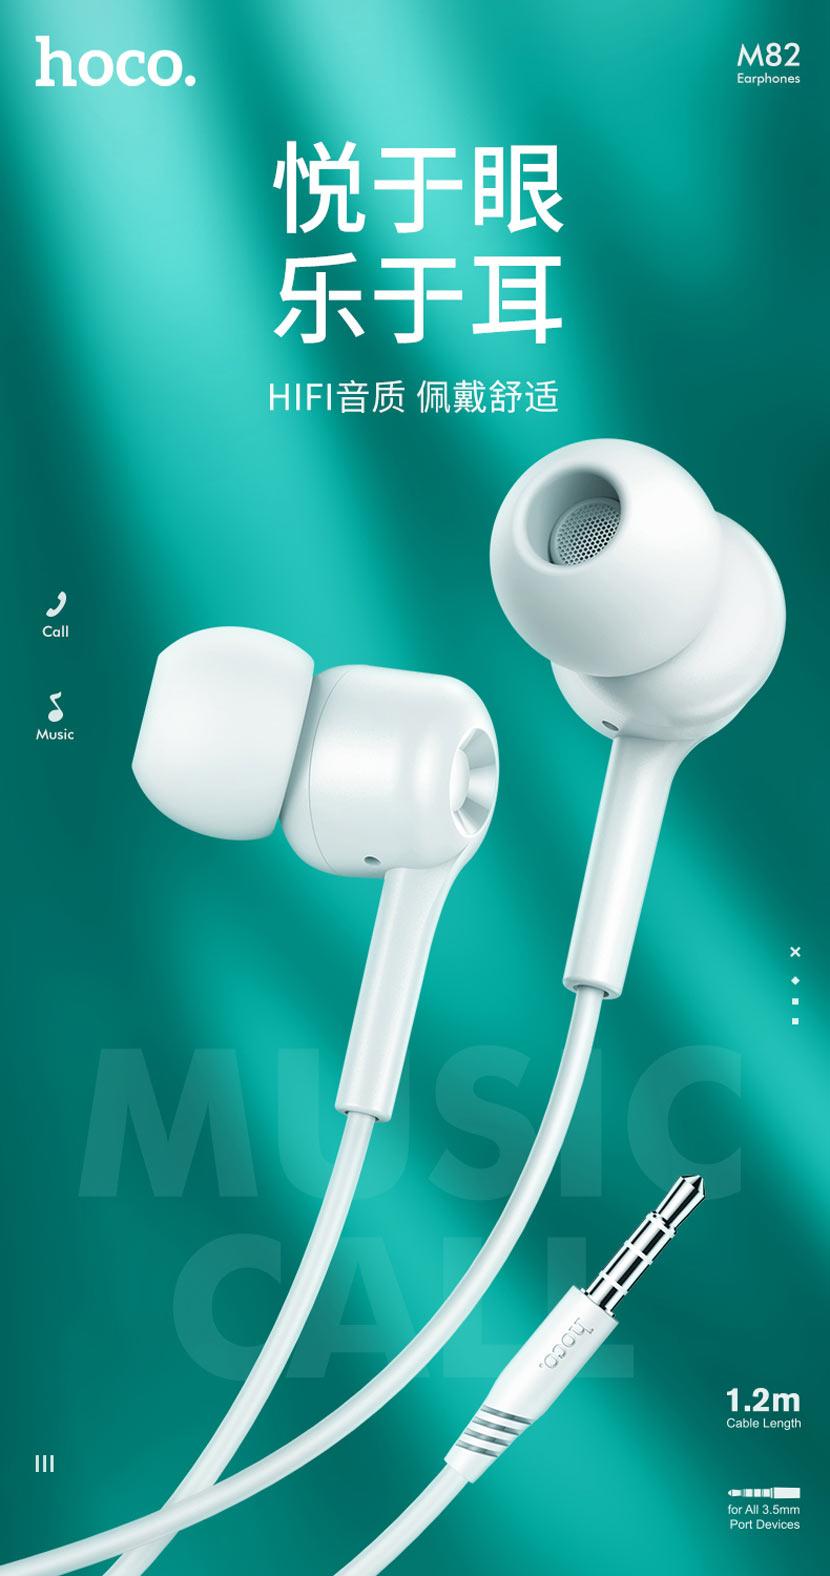 hoco news m82 la musique universal earphones with mic cn